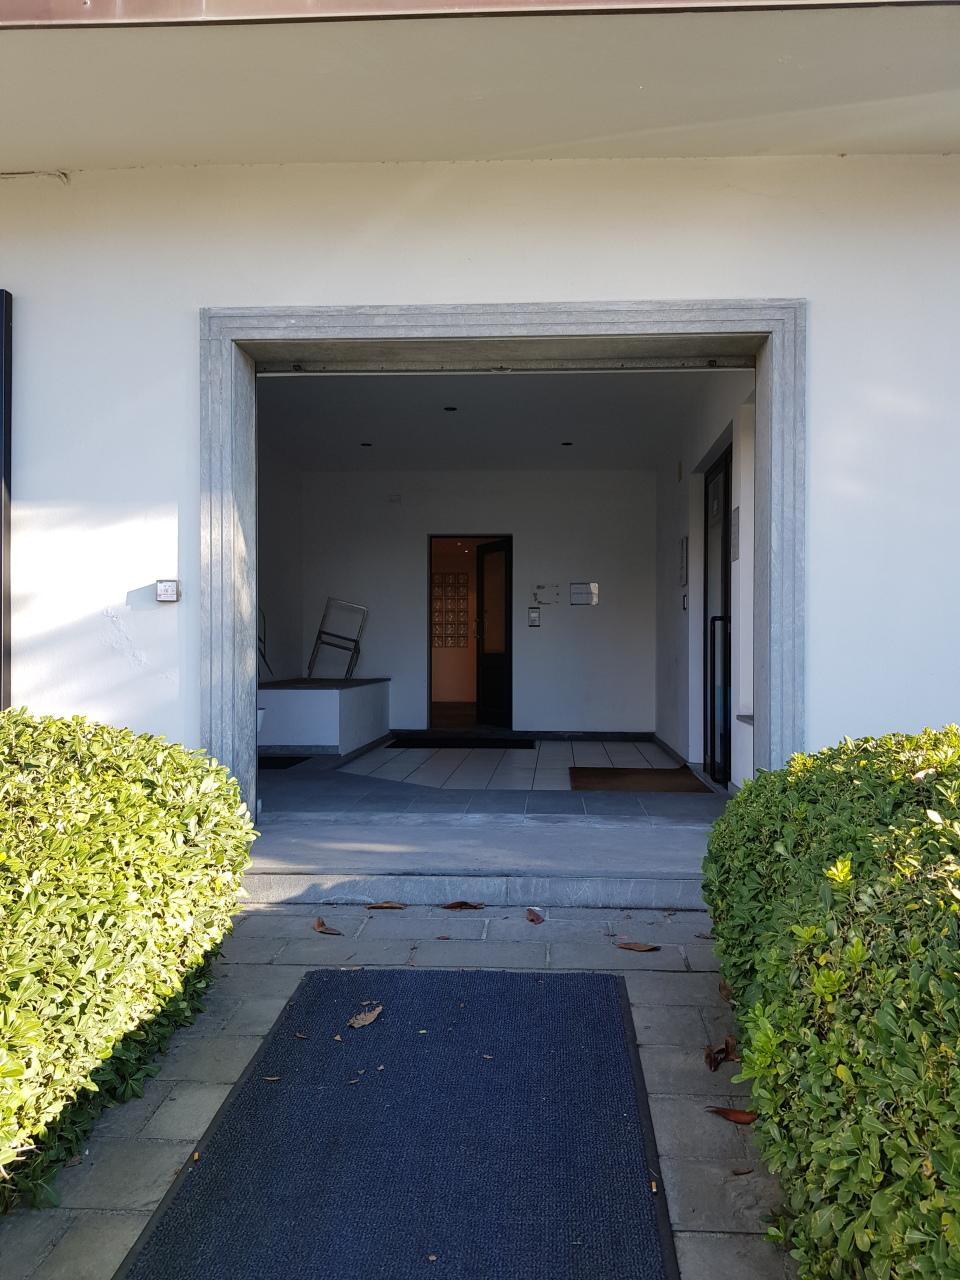 Ufficio / Studio in affitto a Ortonovo, 9999 locali, prezzo € 300 | PortaleAgenzieImmobiliari.it